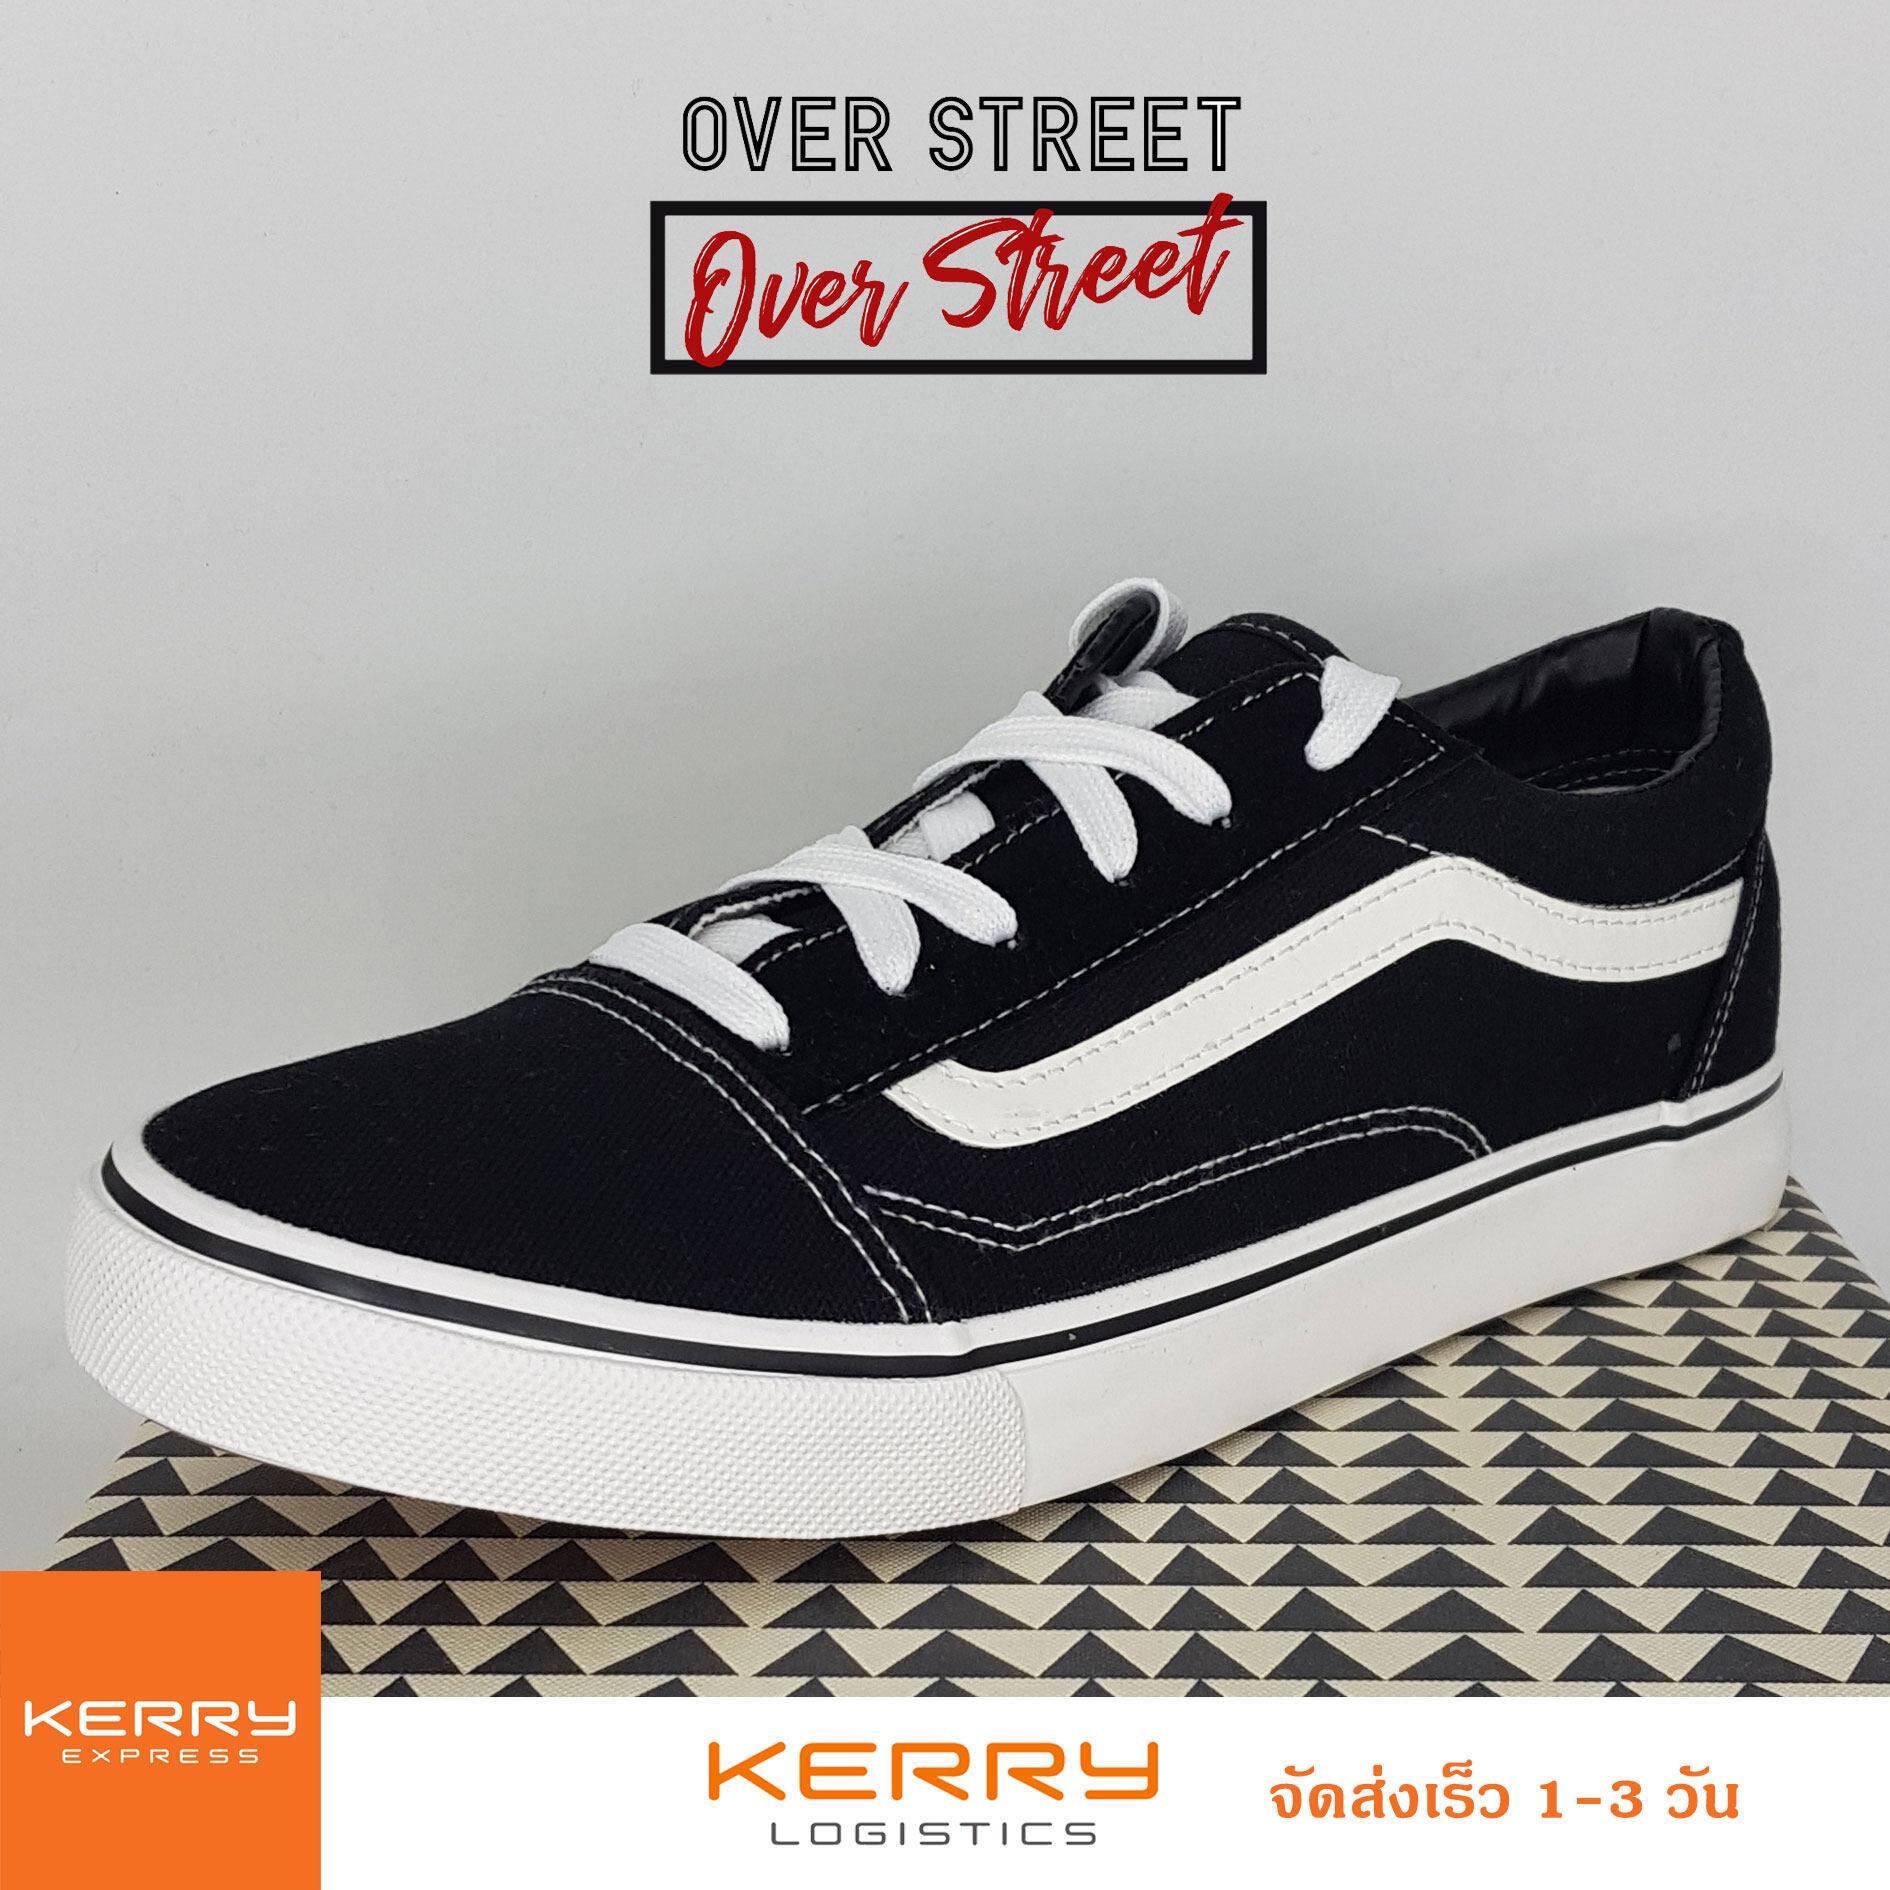 Overstreet รองเท้าผ้าใบผู้ชาย สีดำ(black) ยอดนิยม สวมใส่ง่ายสบาย ออกเที่ยว เท่ๆ แนวสตรีท !!!!.